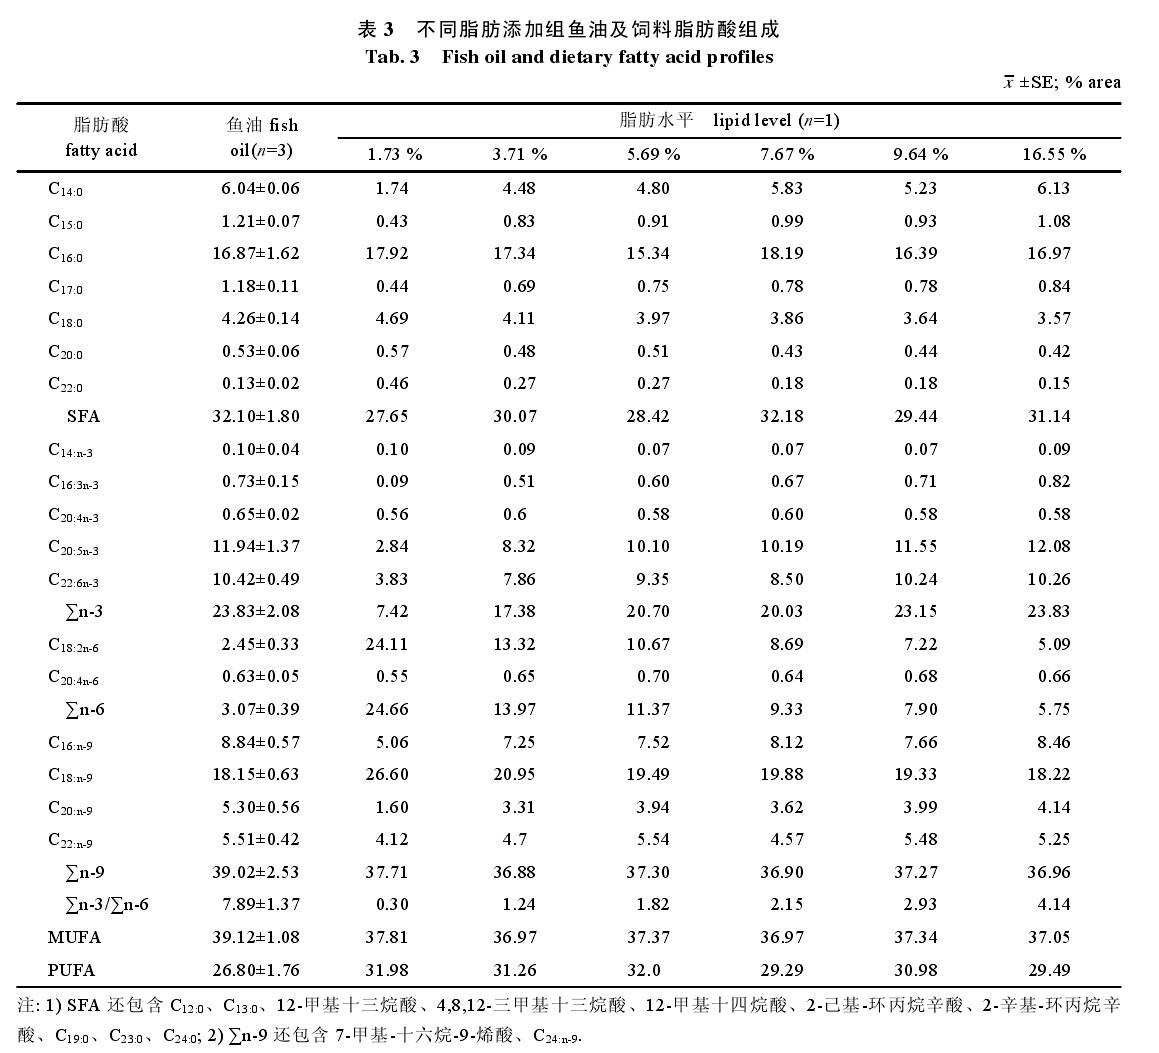 由表7可知,在3.71%组到 16.55%组之间,随着饲料脂肪水平提高, 腹腔脂肪中 SFA 比例呈下降趋势, 其中 3.71%组显著高于 16.55%组。 3 讨论 3.1 饲料脂肪水平对吉富罗非鱼形体指标的影响本次实验发现,1.73%组与16.55%组中吉富罗非鱼肝脏占鱼体的质量分数比其他组高(图2、图3),肝脏肿大,但是1.